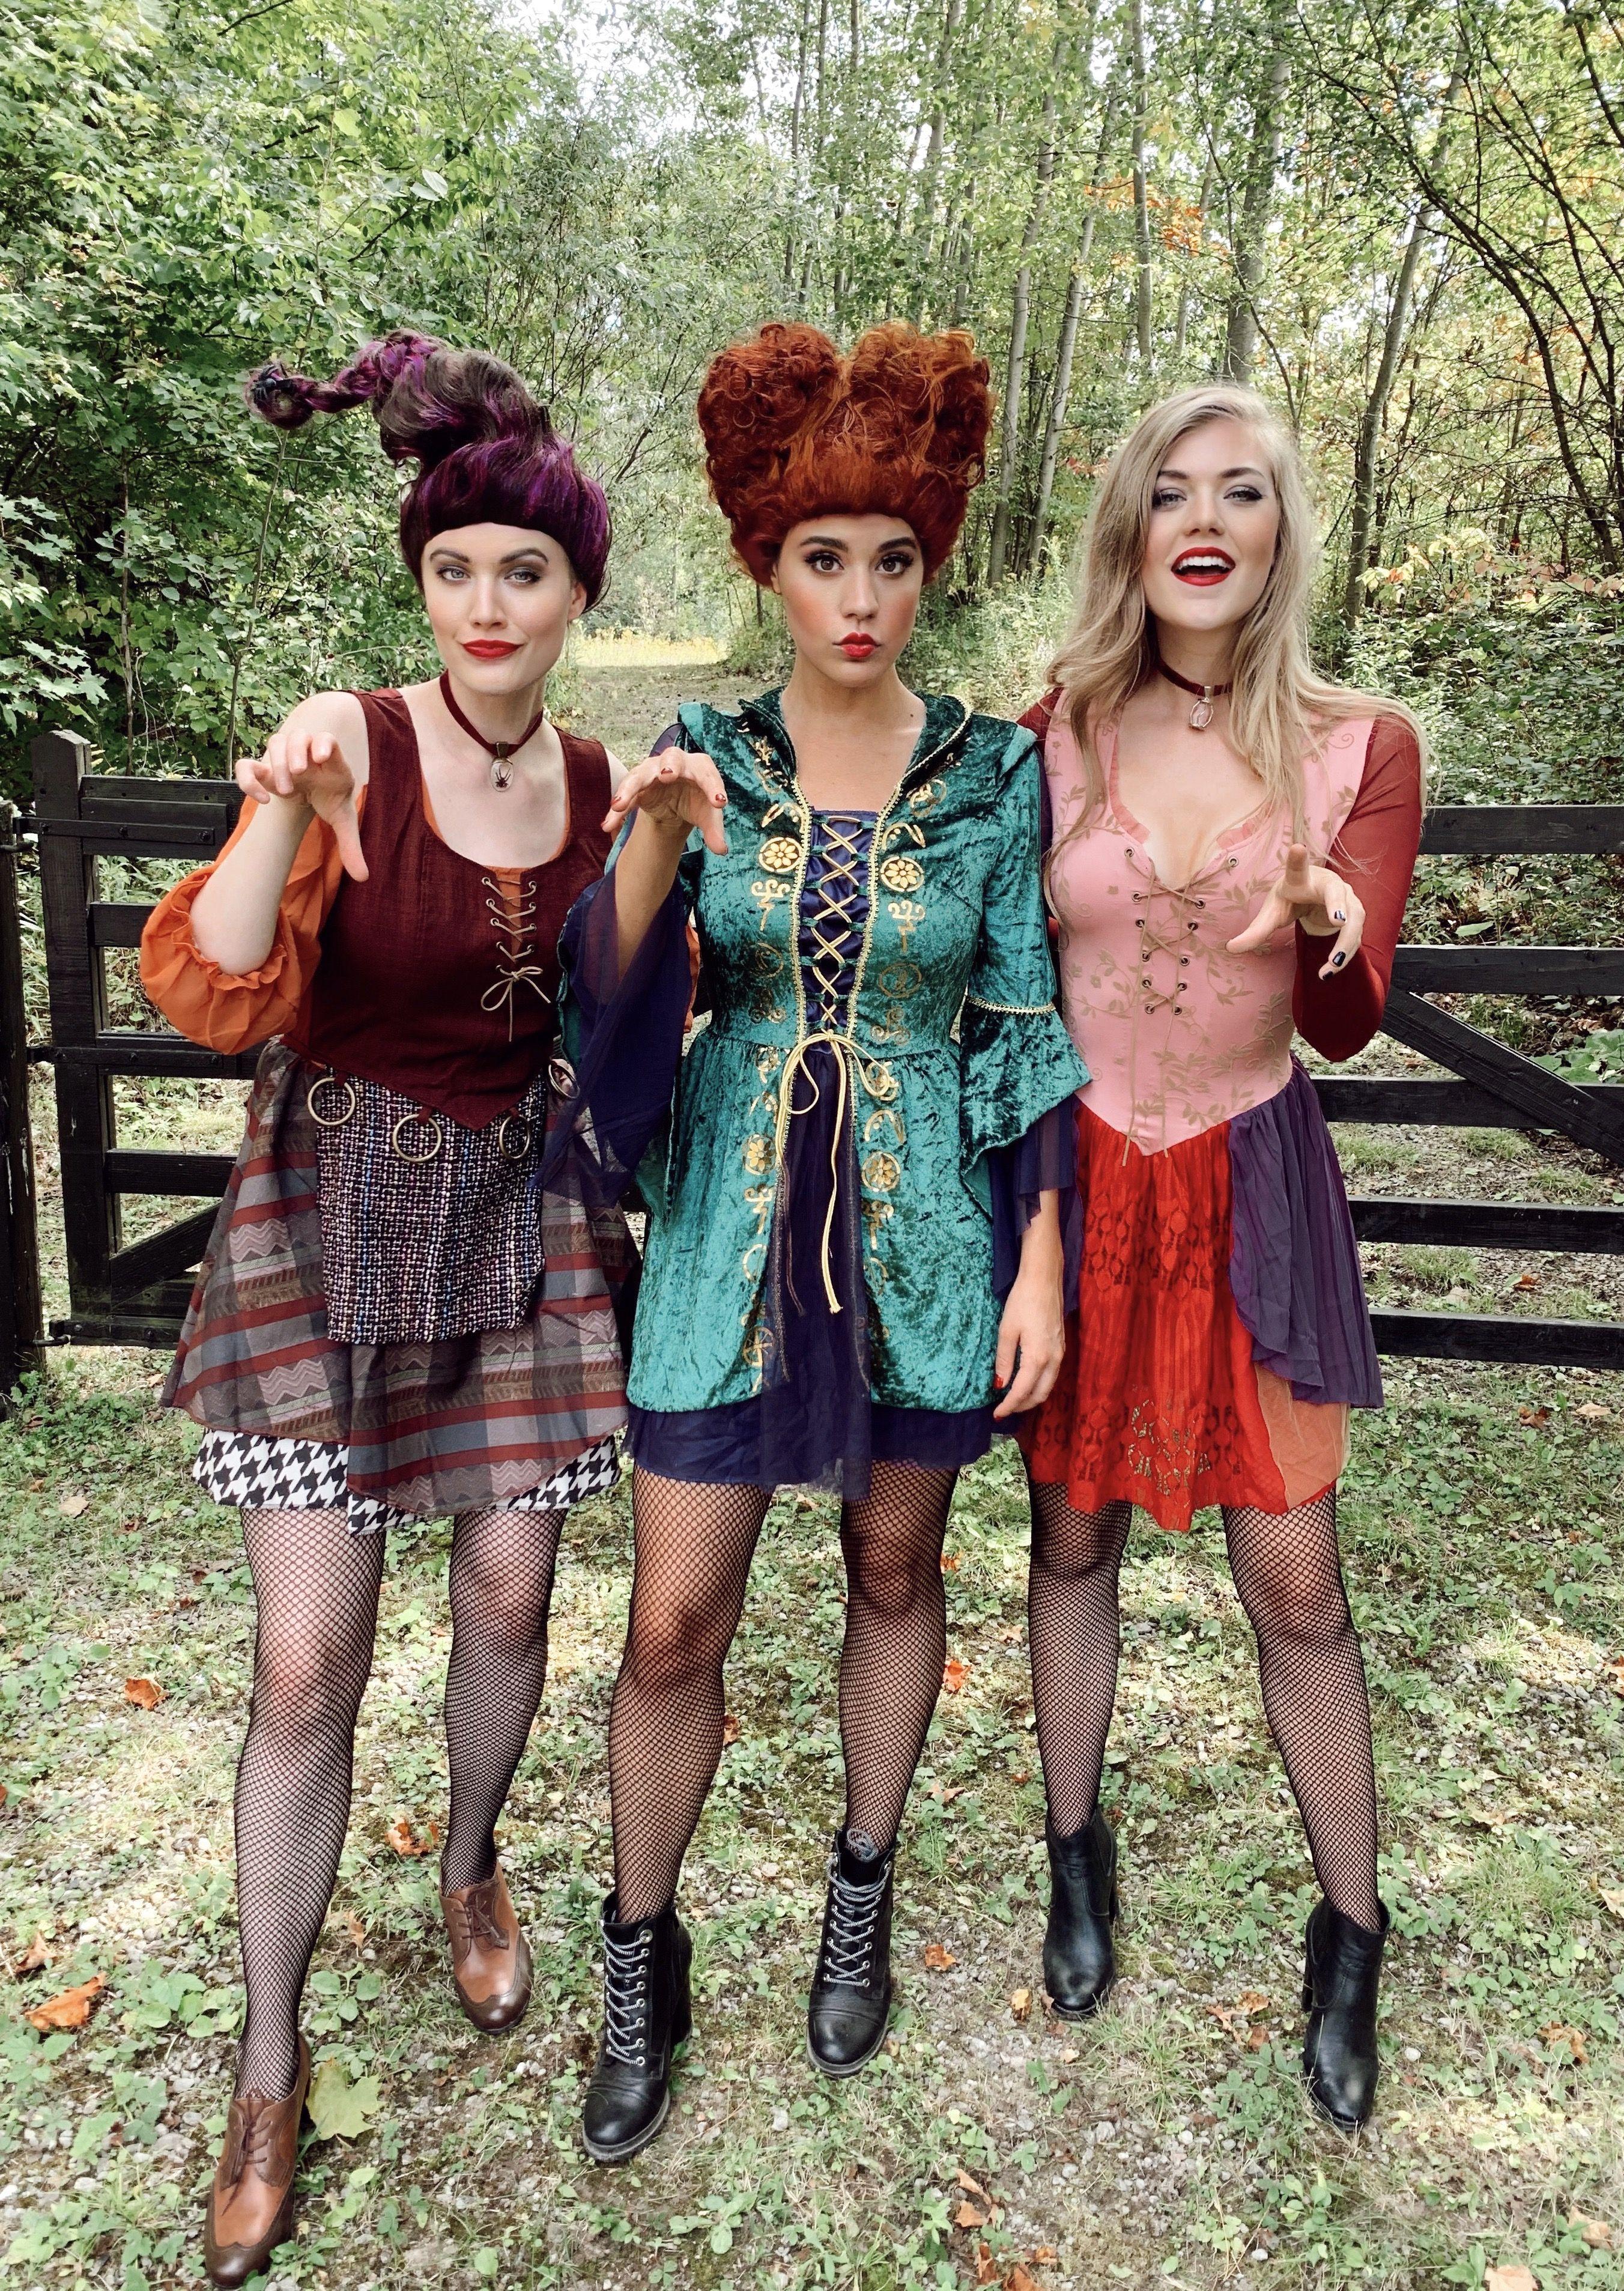 Sister Halloween Costumes 2020 Sanderson Sisters Halloween Kostüm | Sister halloween costumes